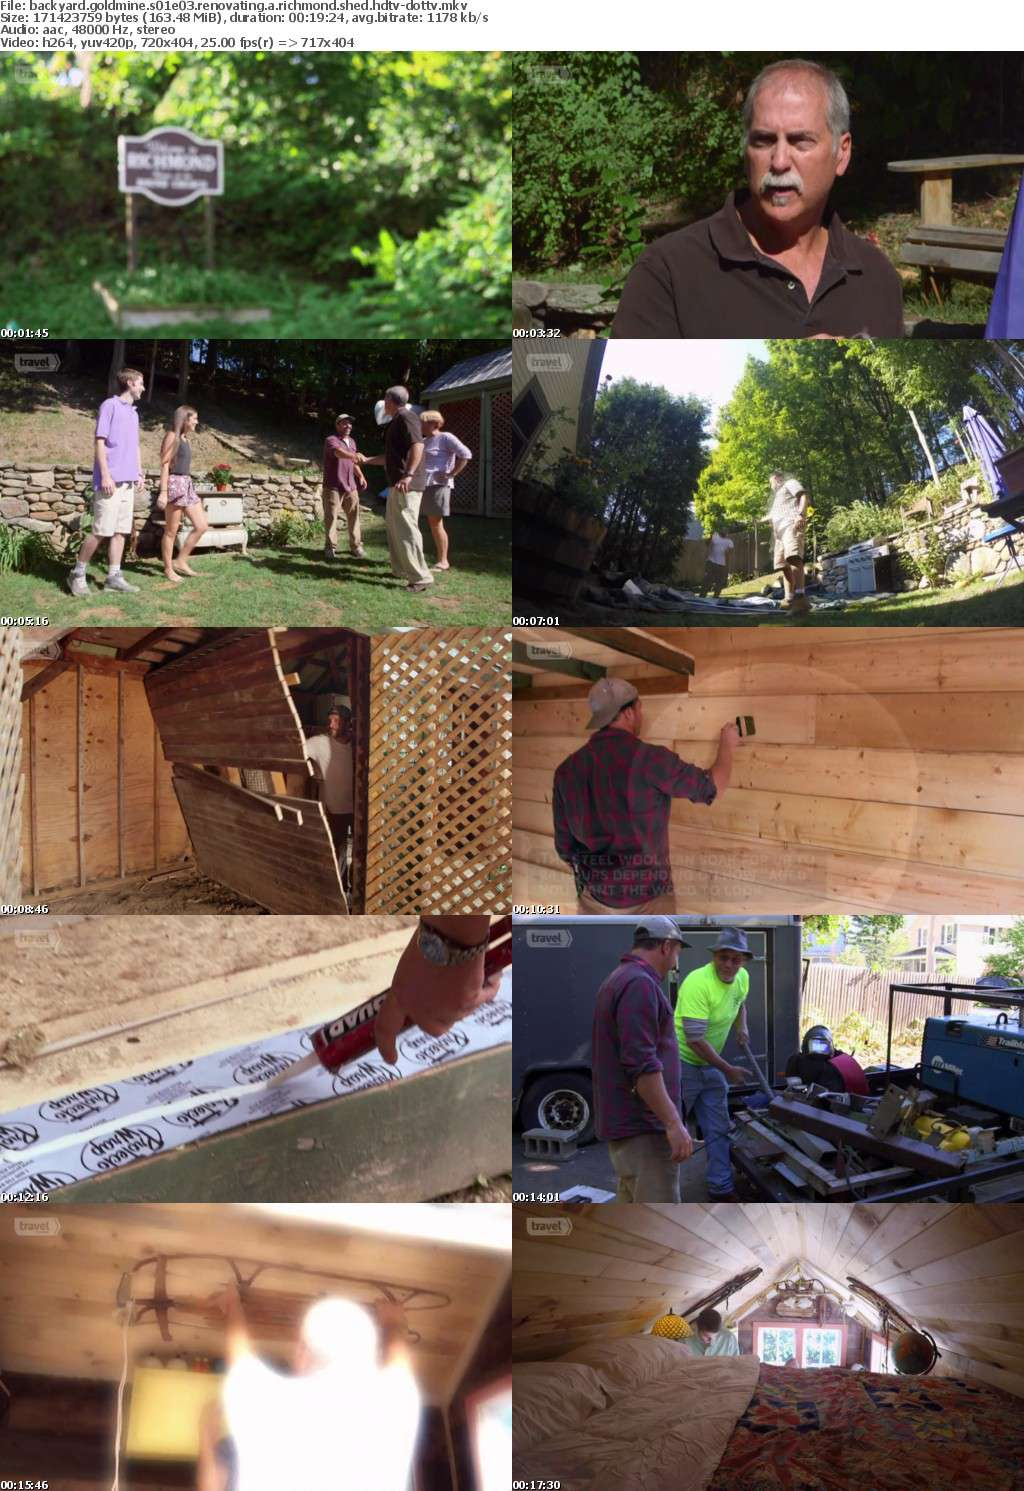 Backyard Goldmine S01E03 Renovating A Richmond Shed HDTV x264-dotTV